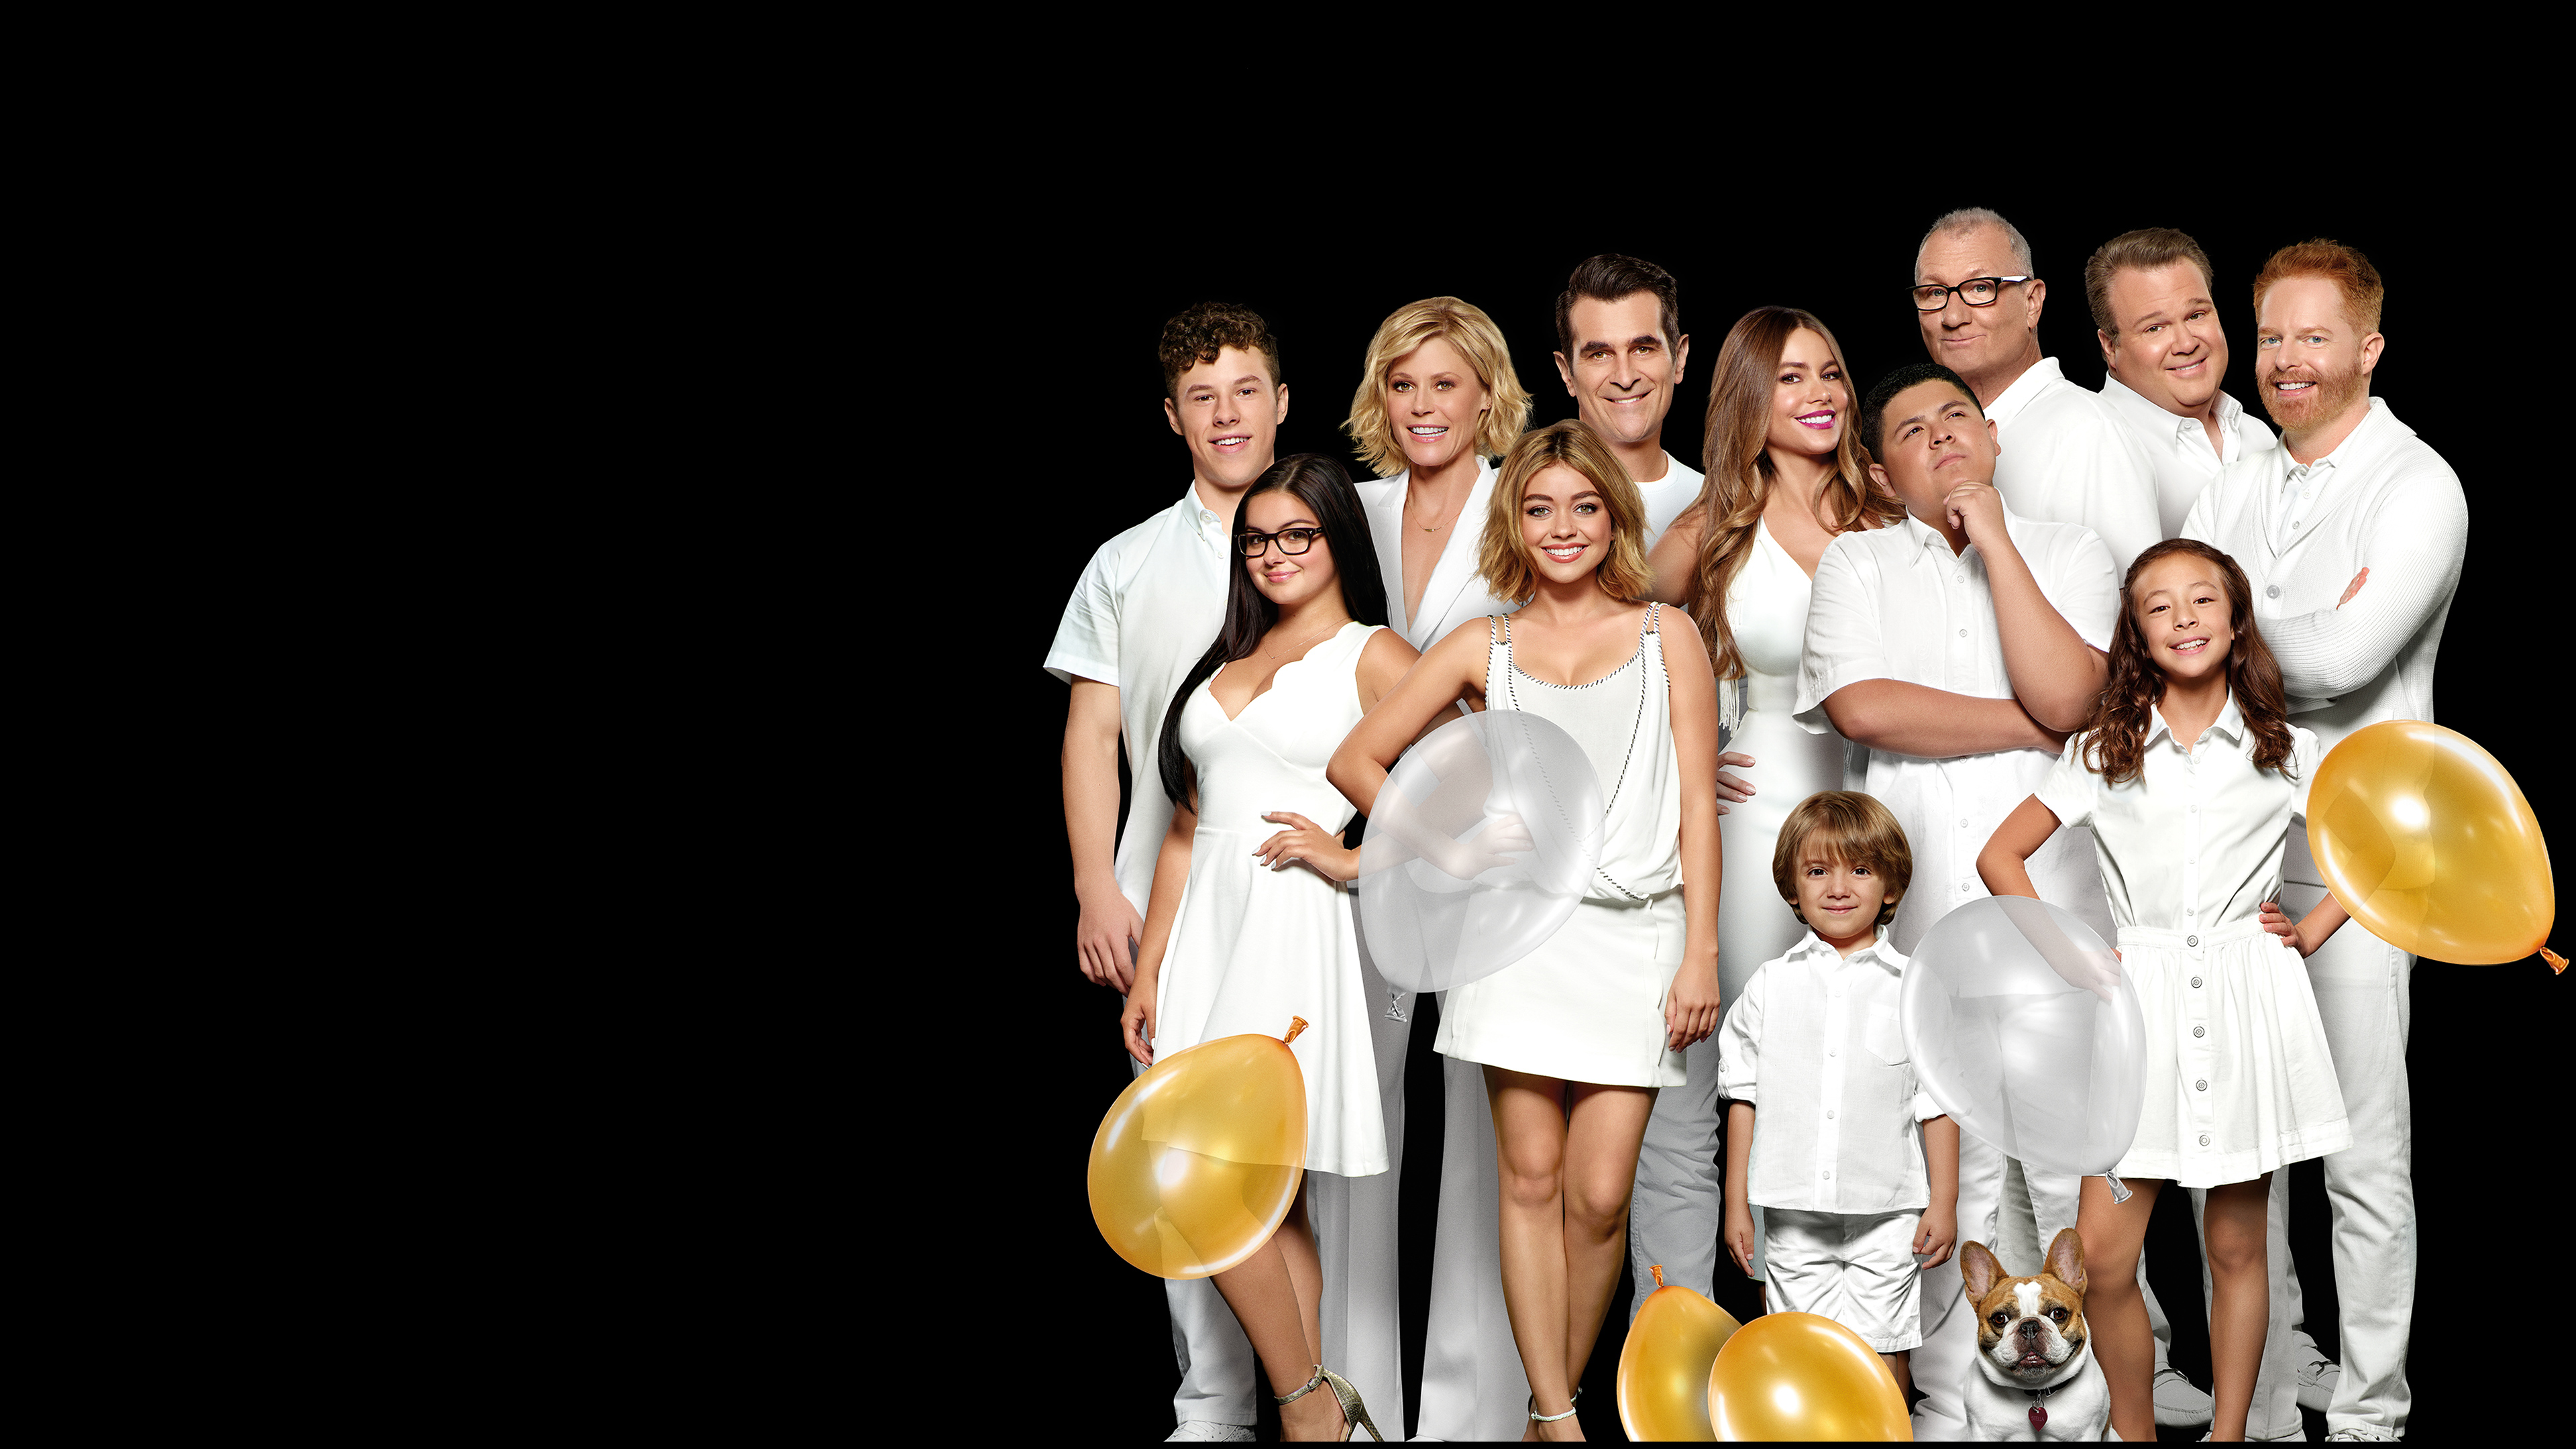 modern family season 5 episode 21 123movies